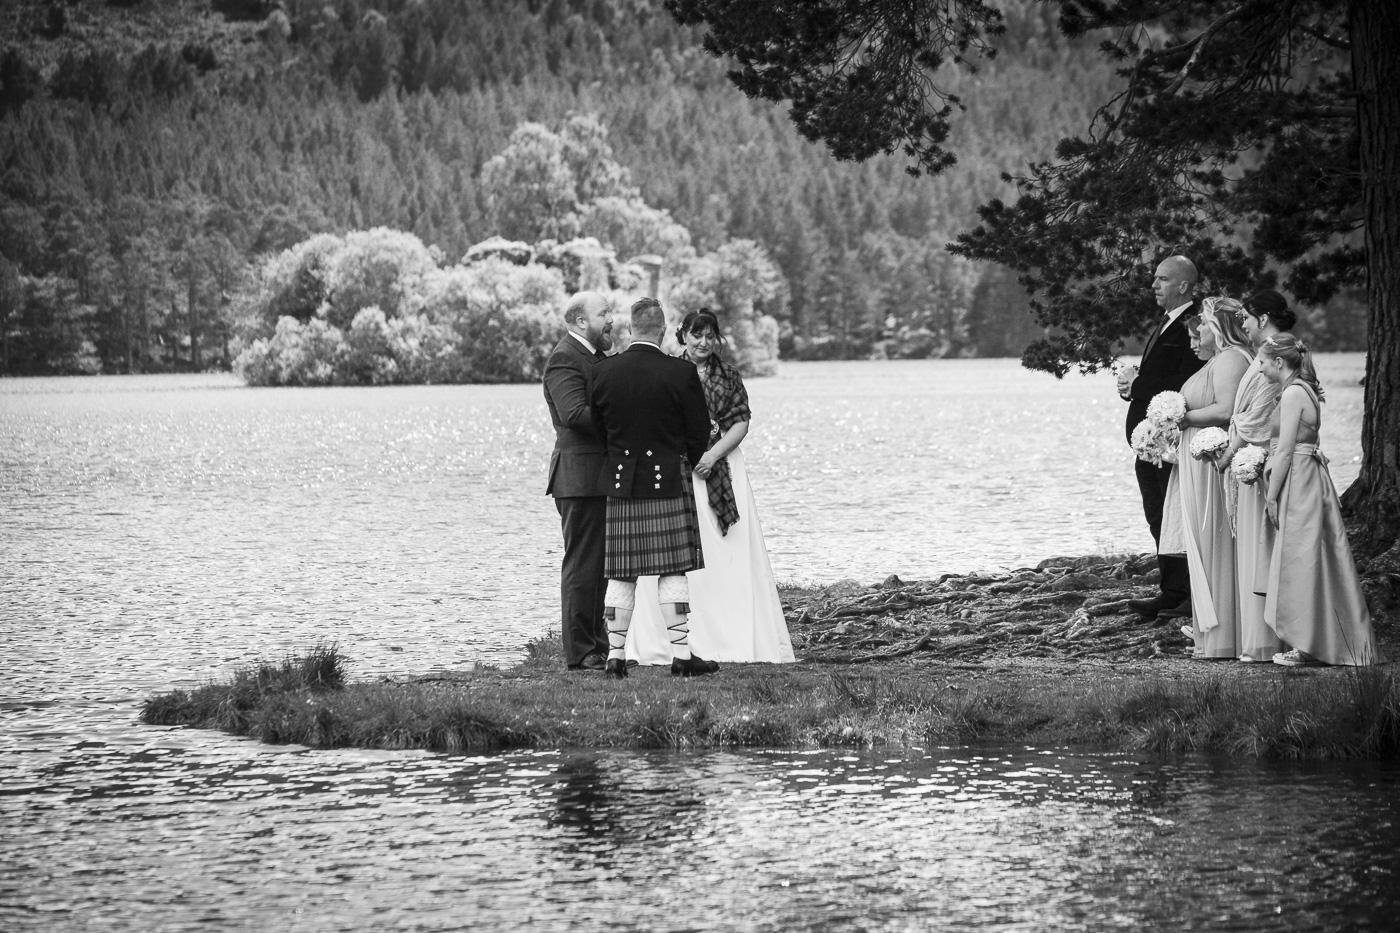 wedding photography at Loch an Eilein, Rothiemurchus-2165-2